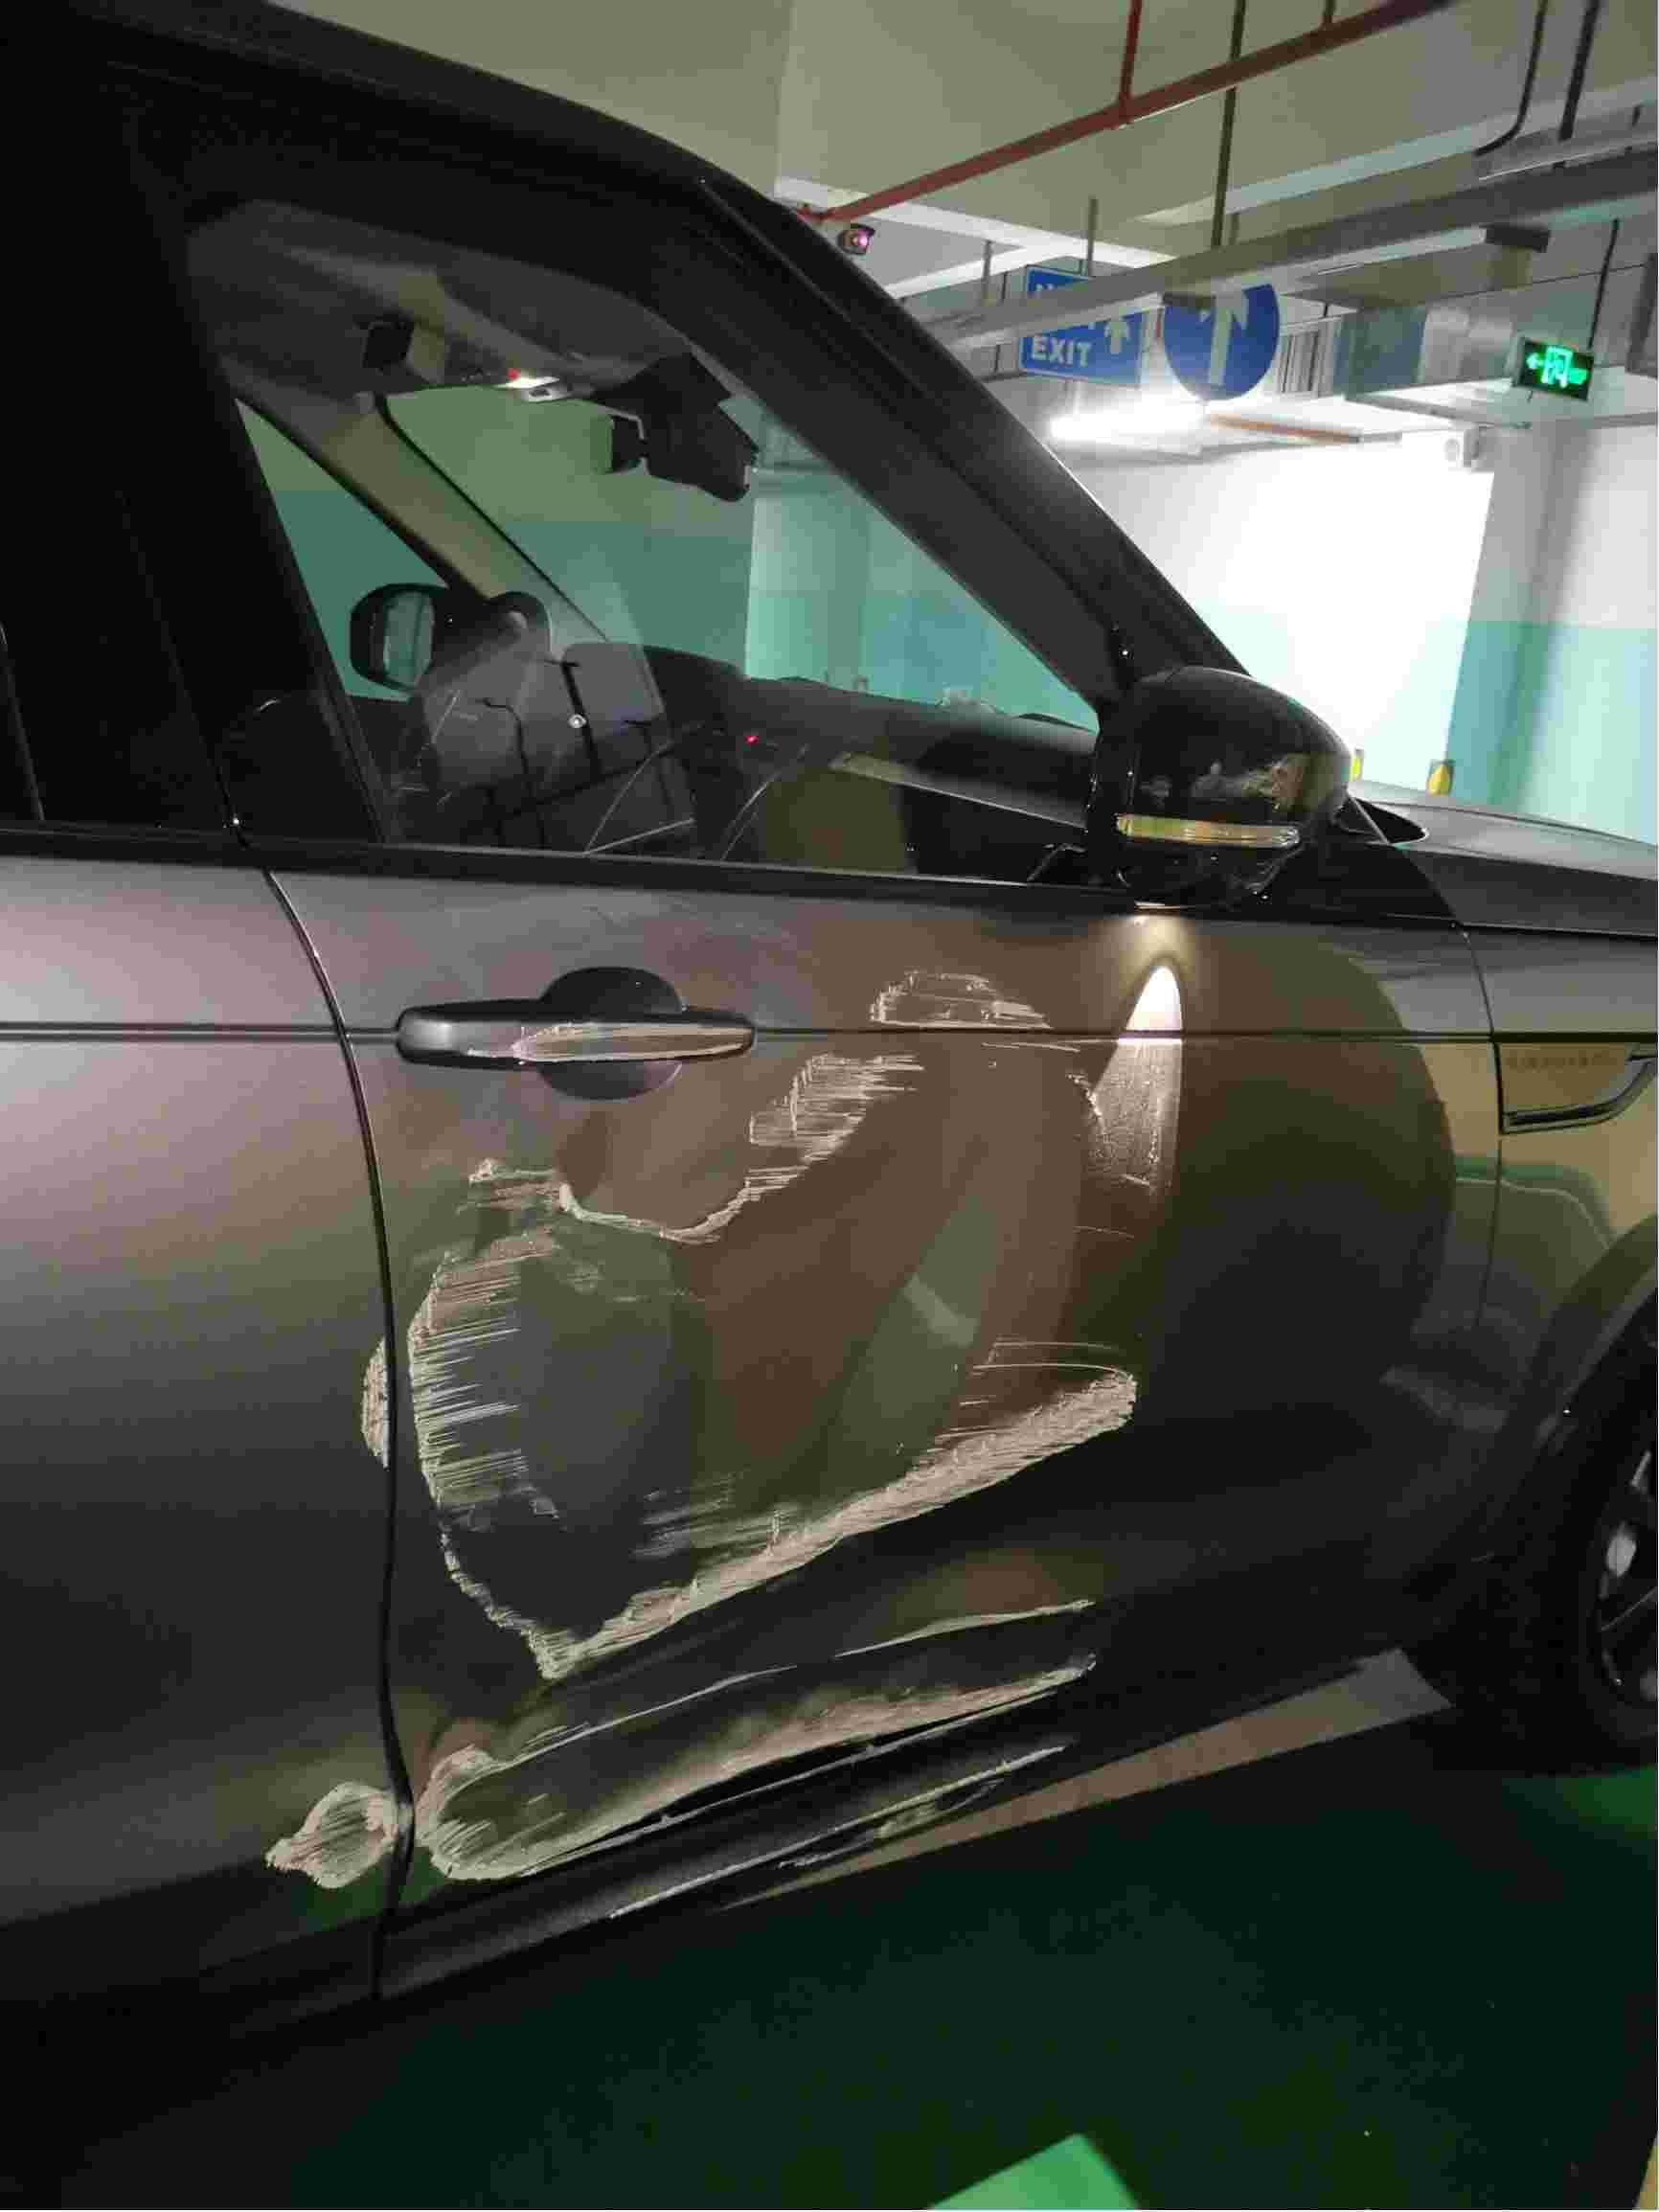 路虎汽车泊车辅助功能缺陷导致事故,厂家推卸责任